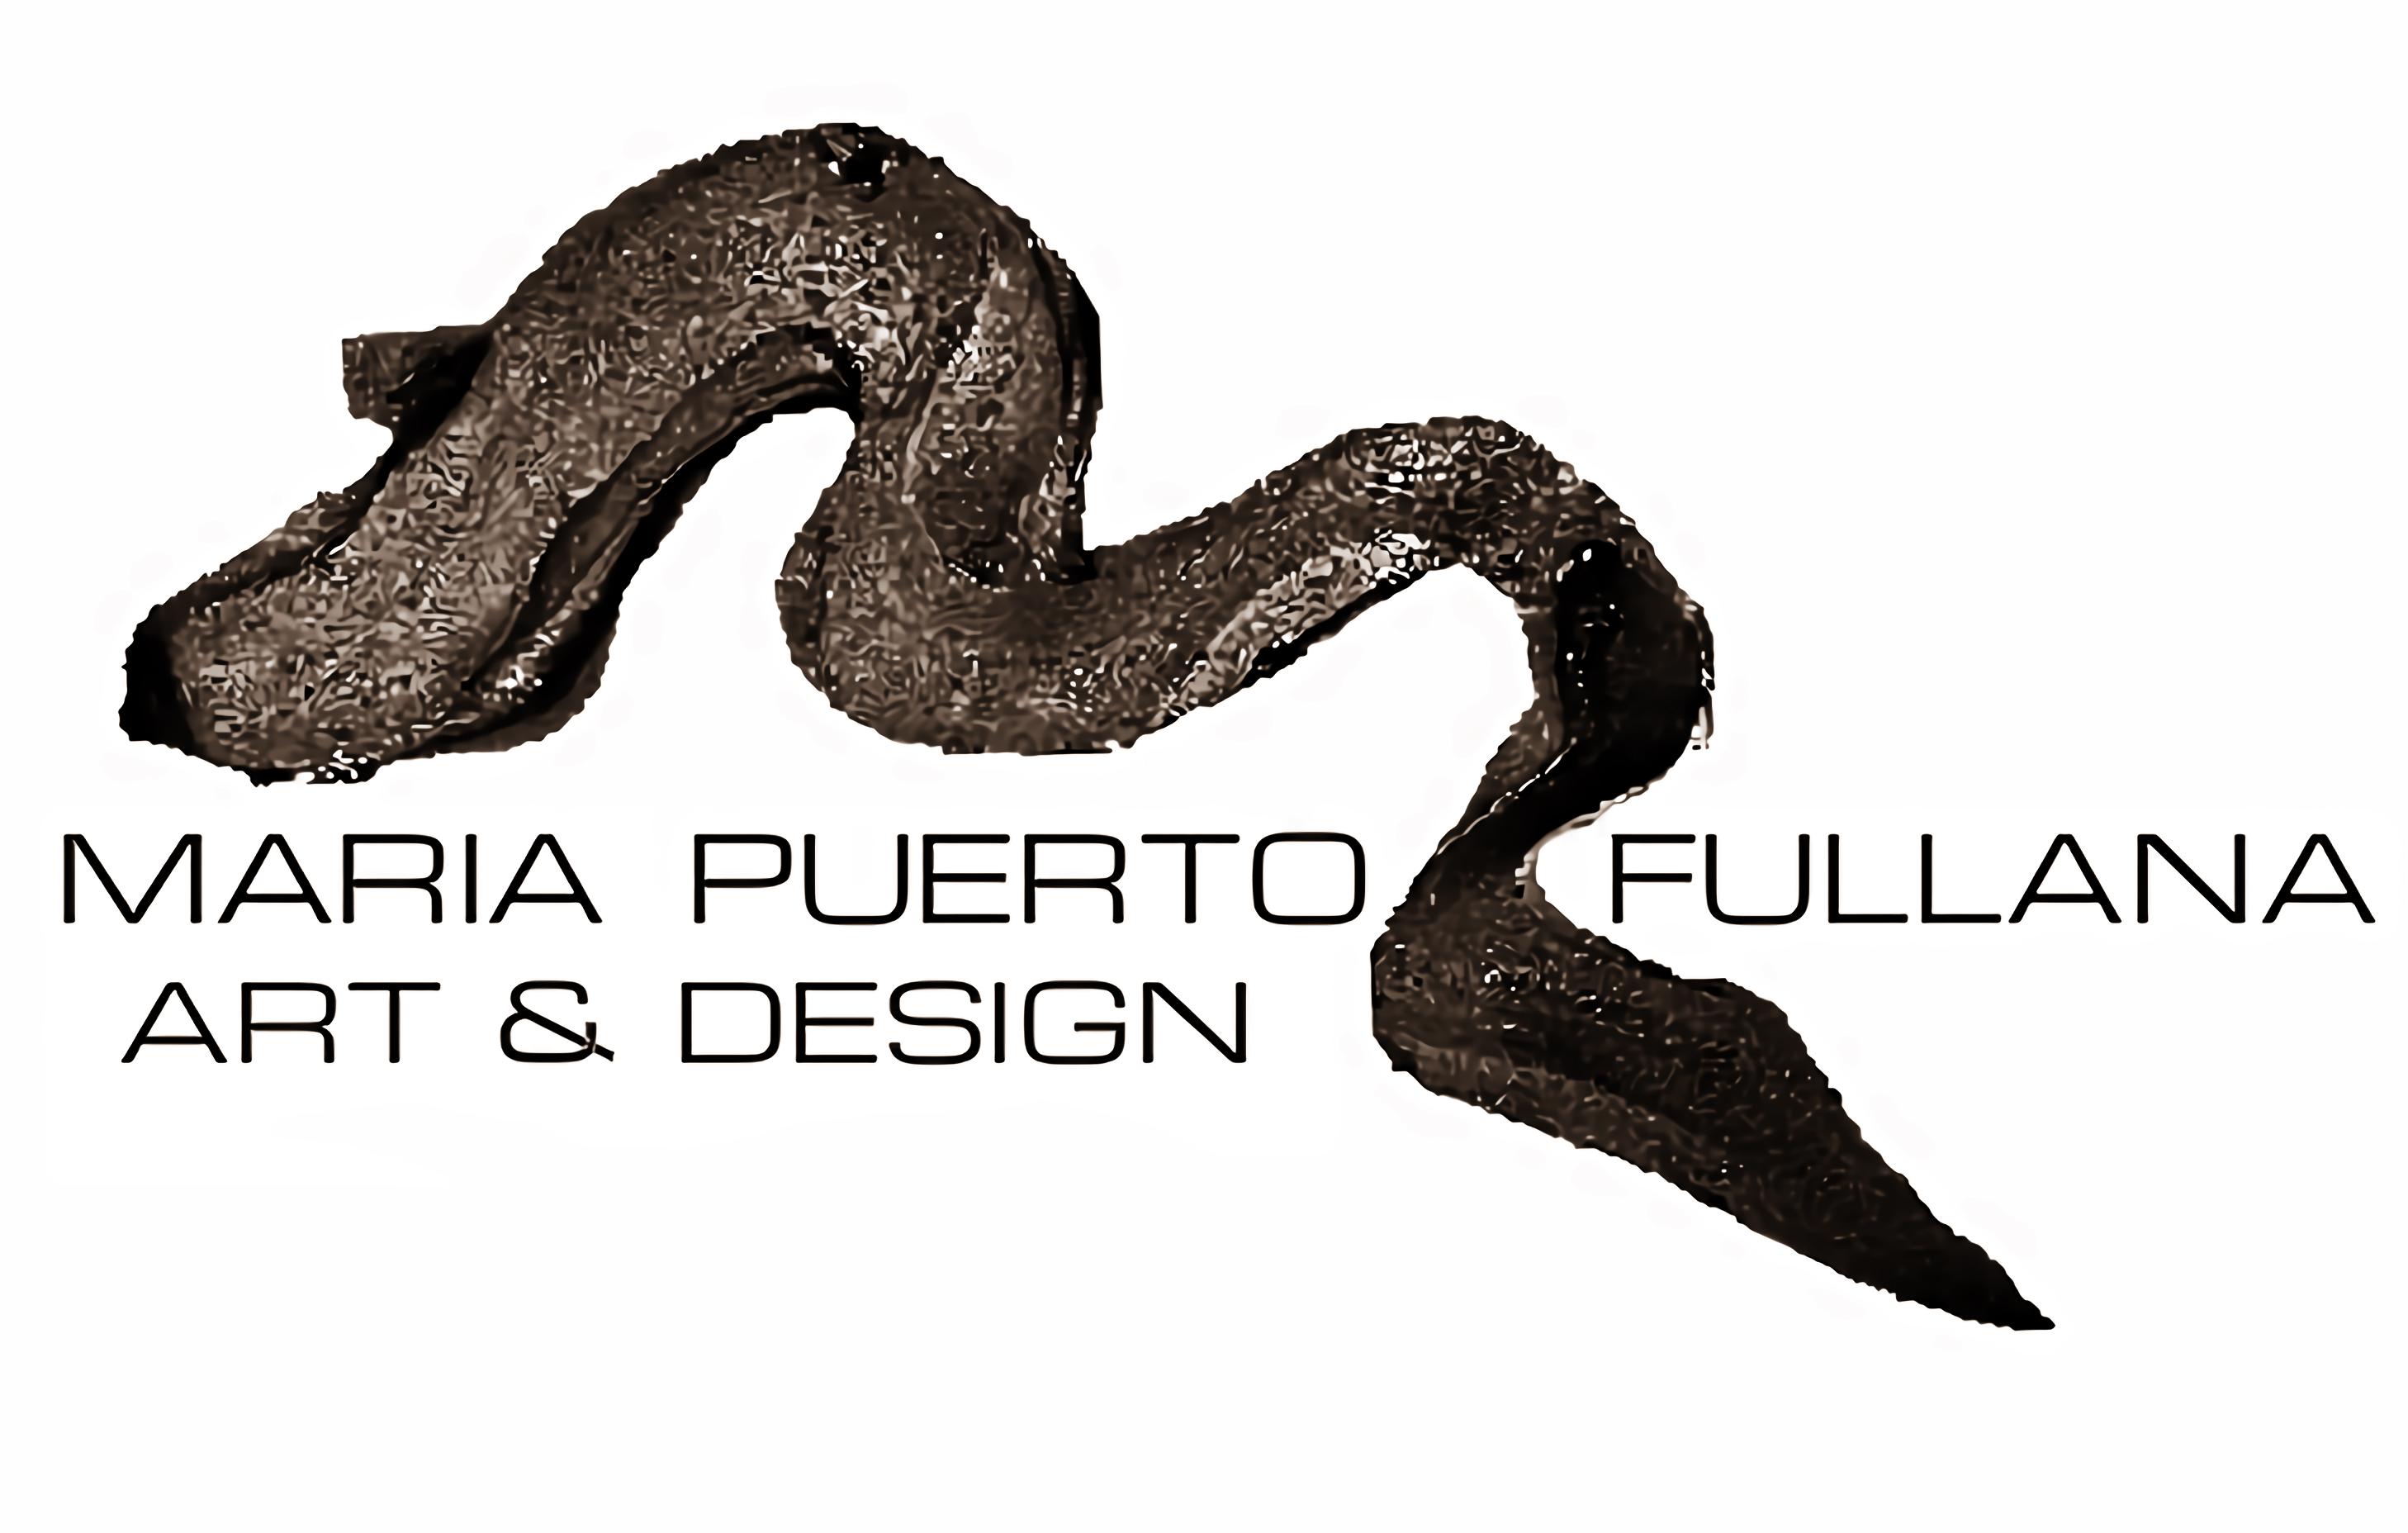 Maria puerto fullana's Signature